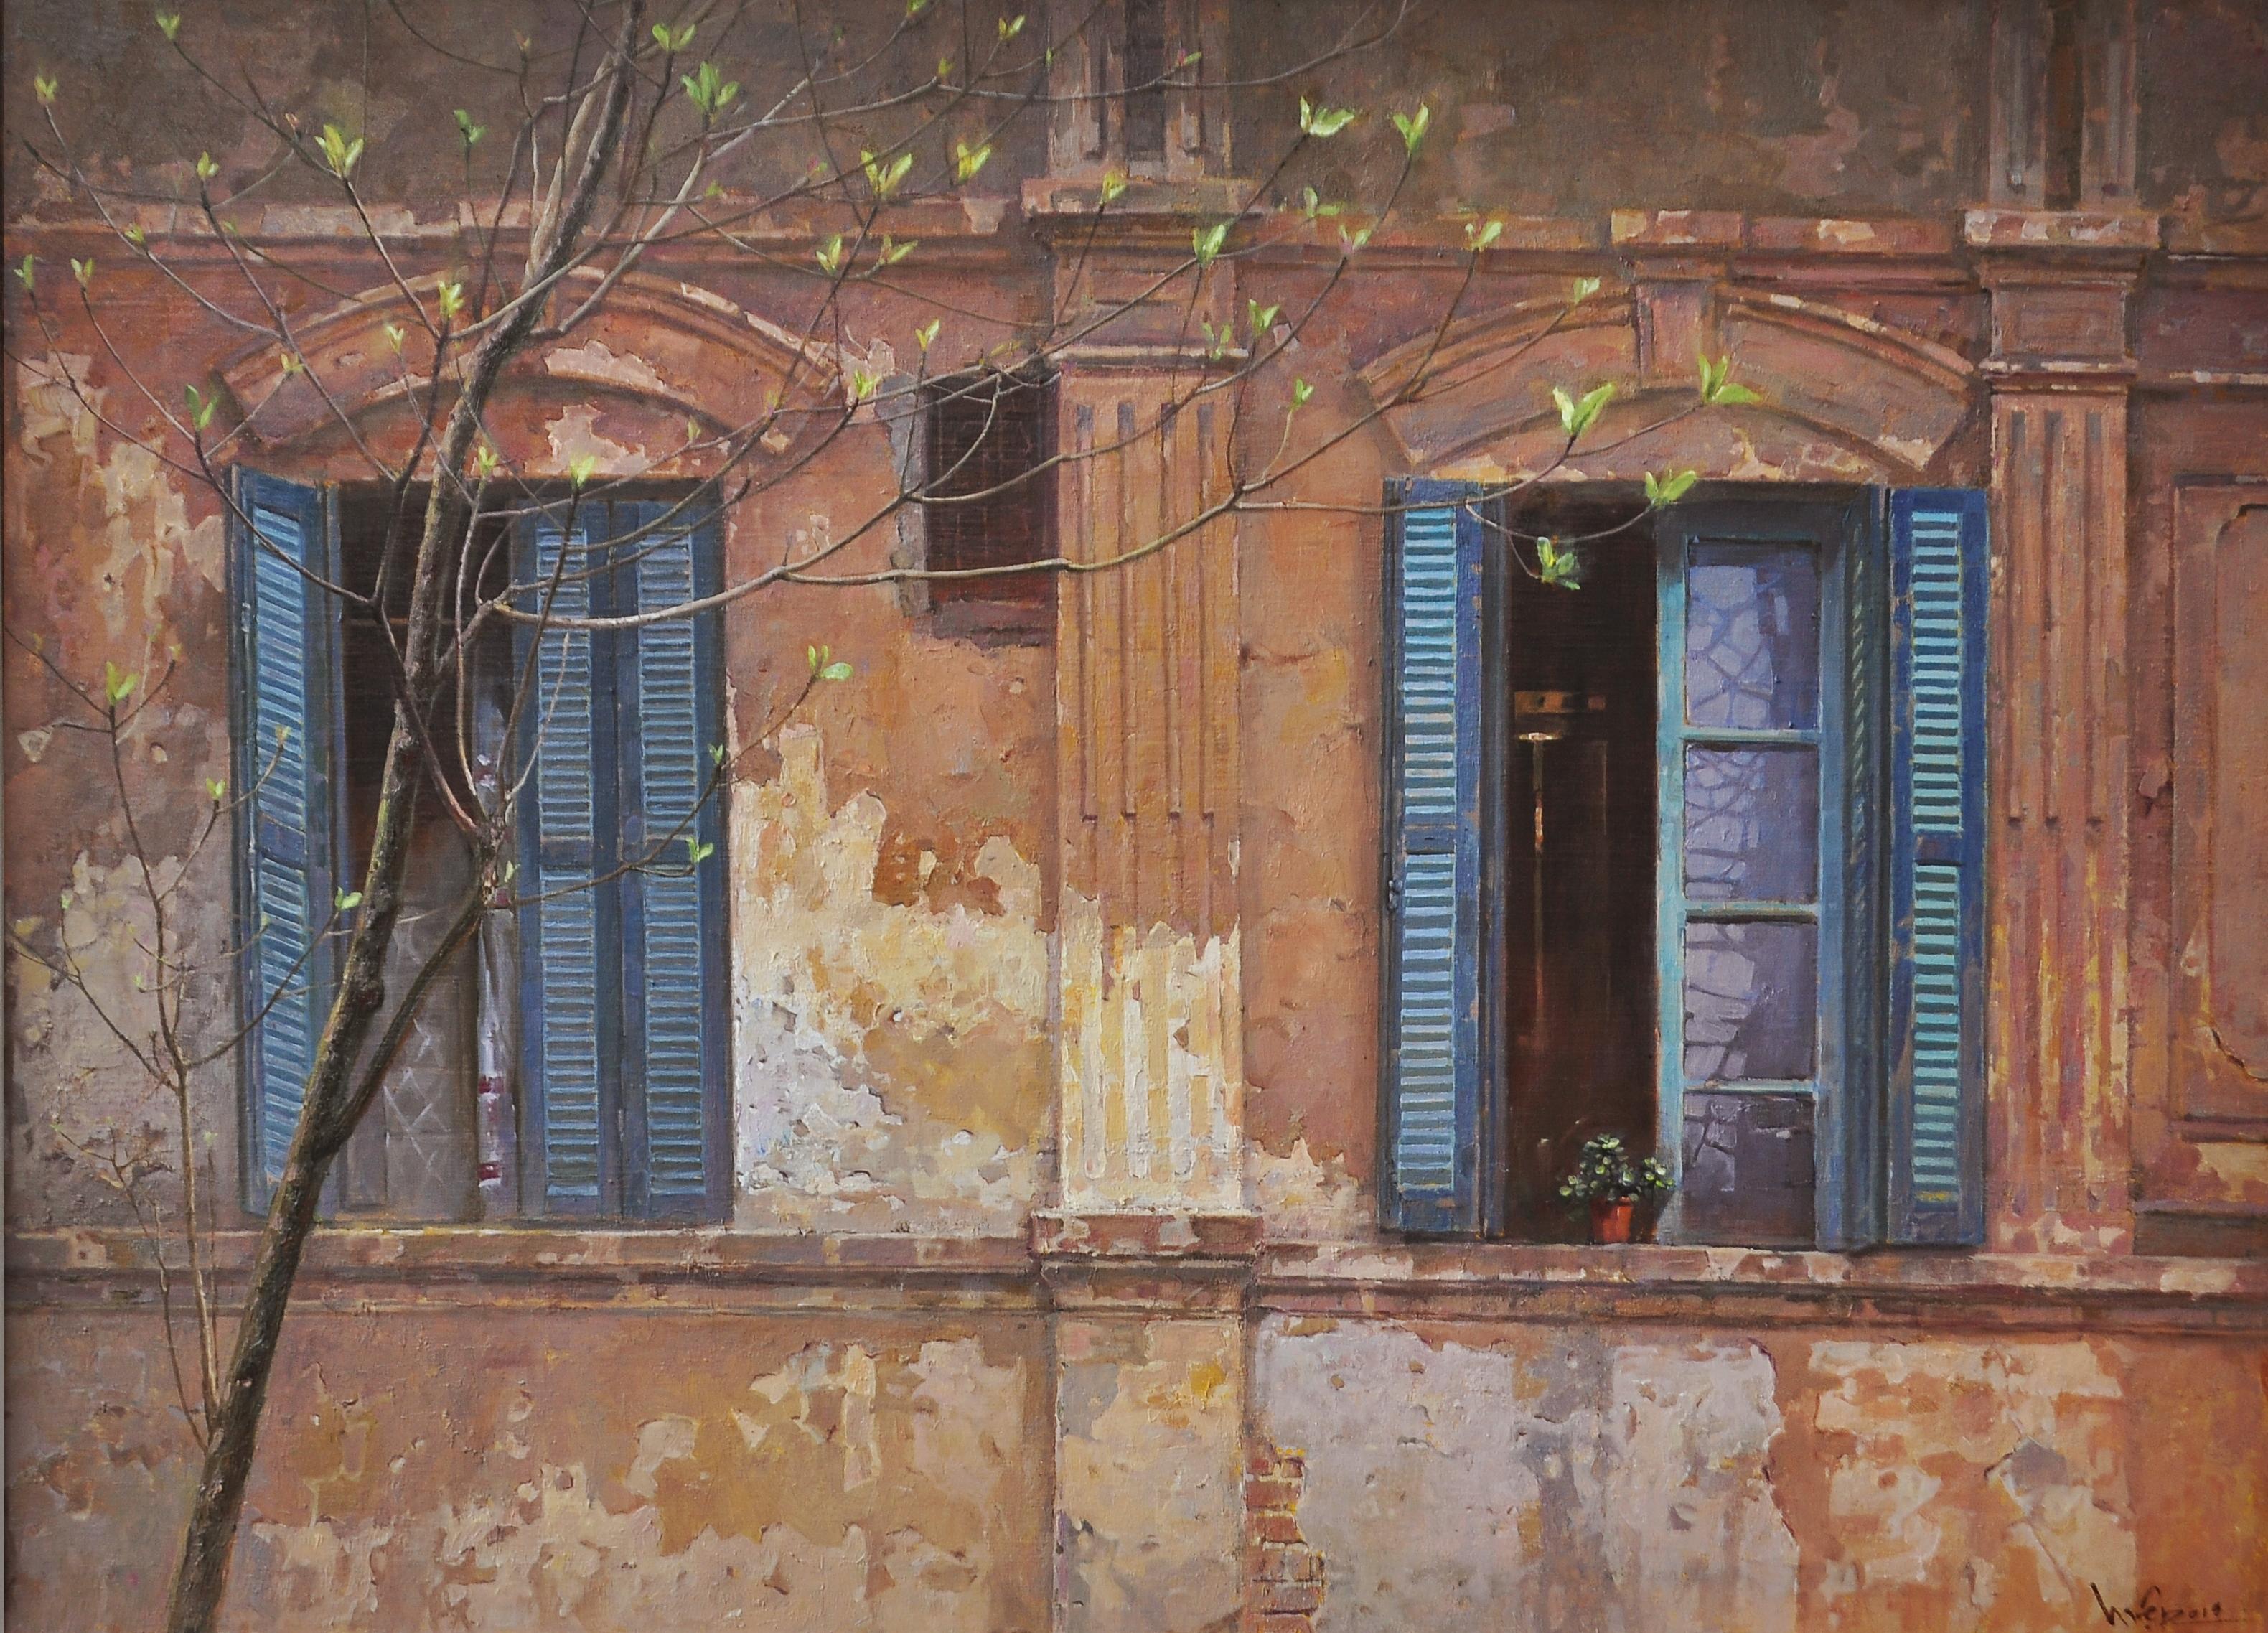 Spring by the Window | Mùa Xuân Bên Cửa Sổ